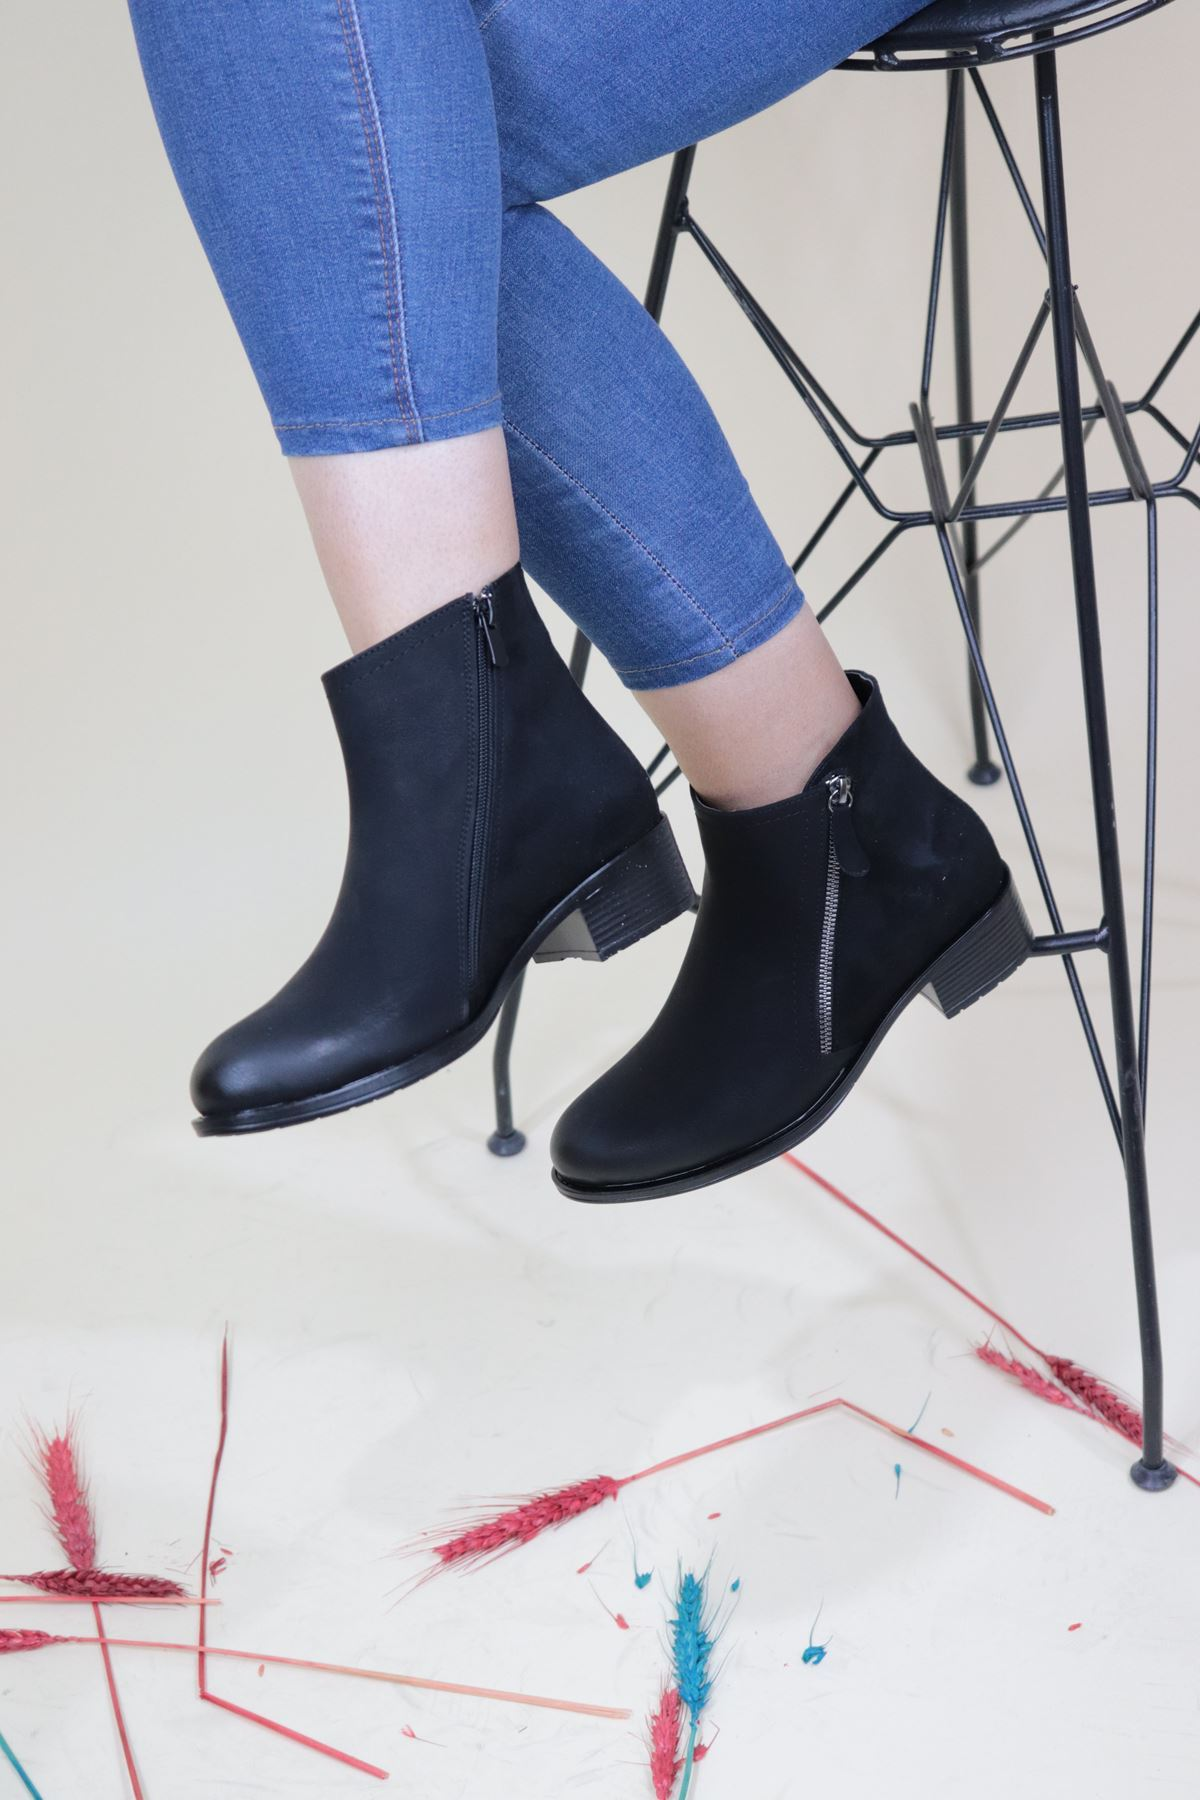 Trendayakkabi - Siyah Çapraz Fermuarlı Kadın Bot